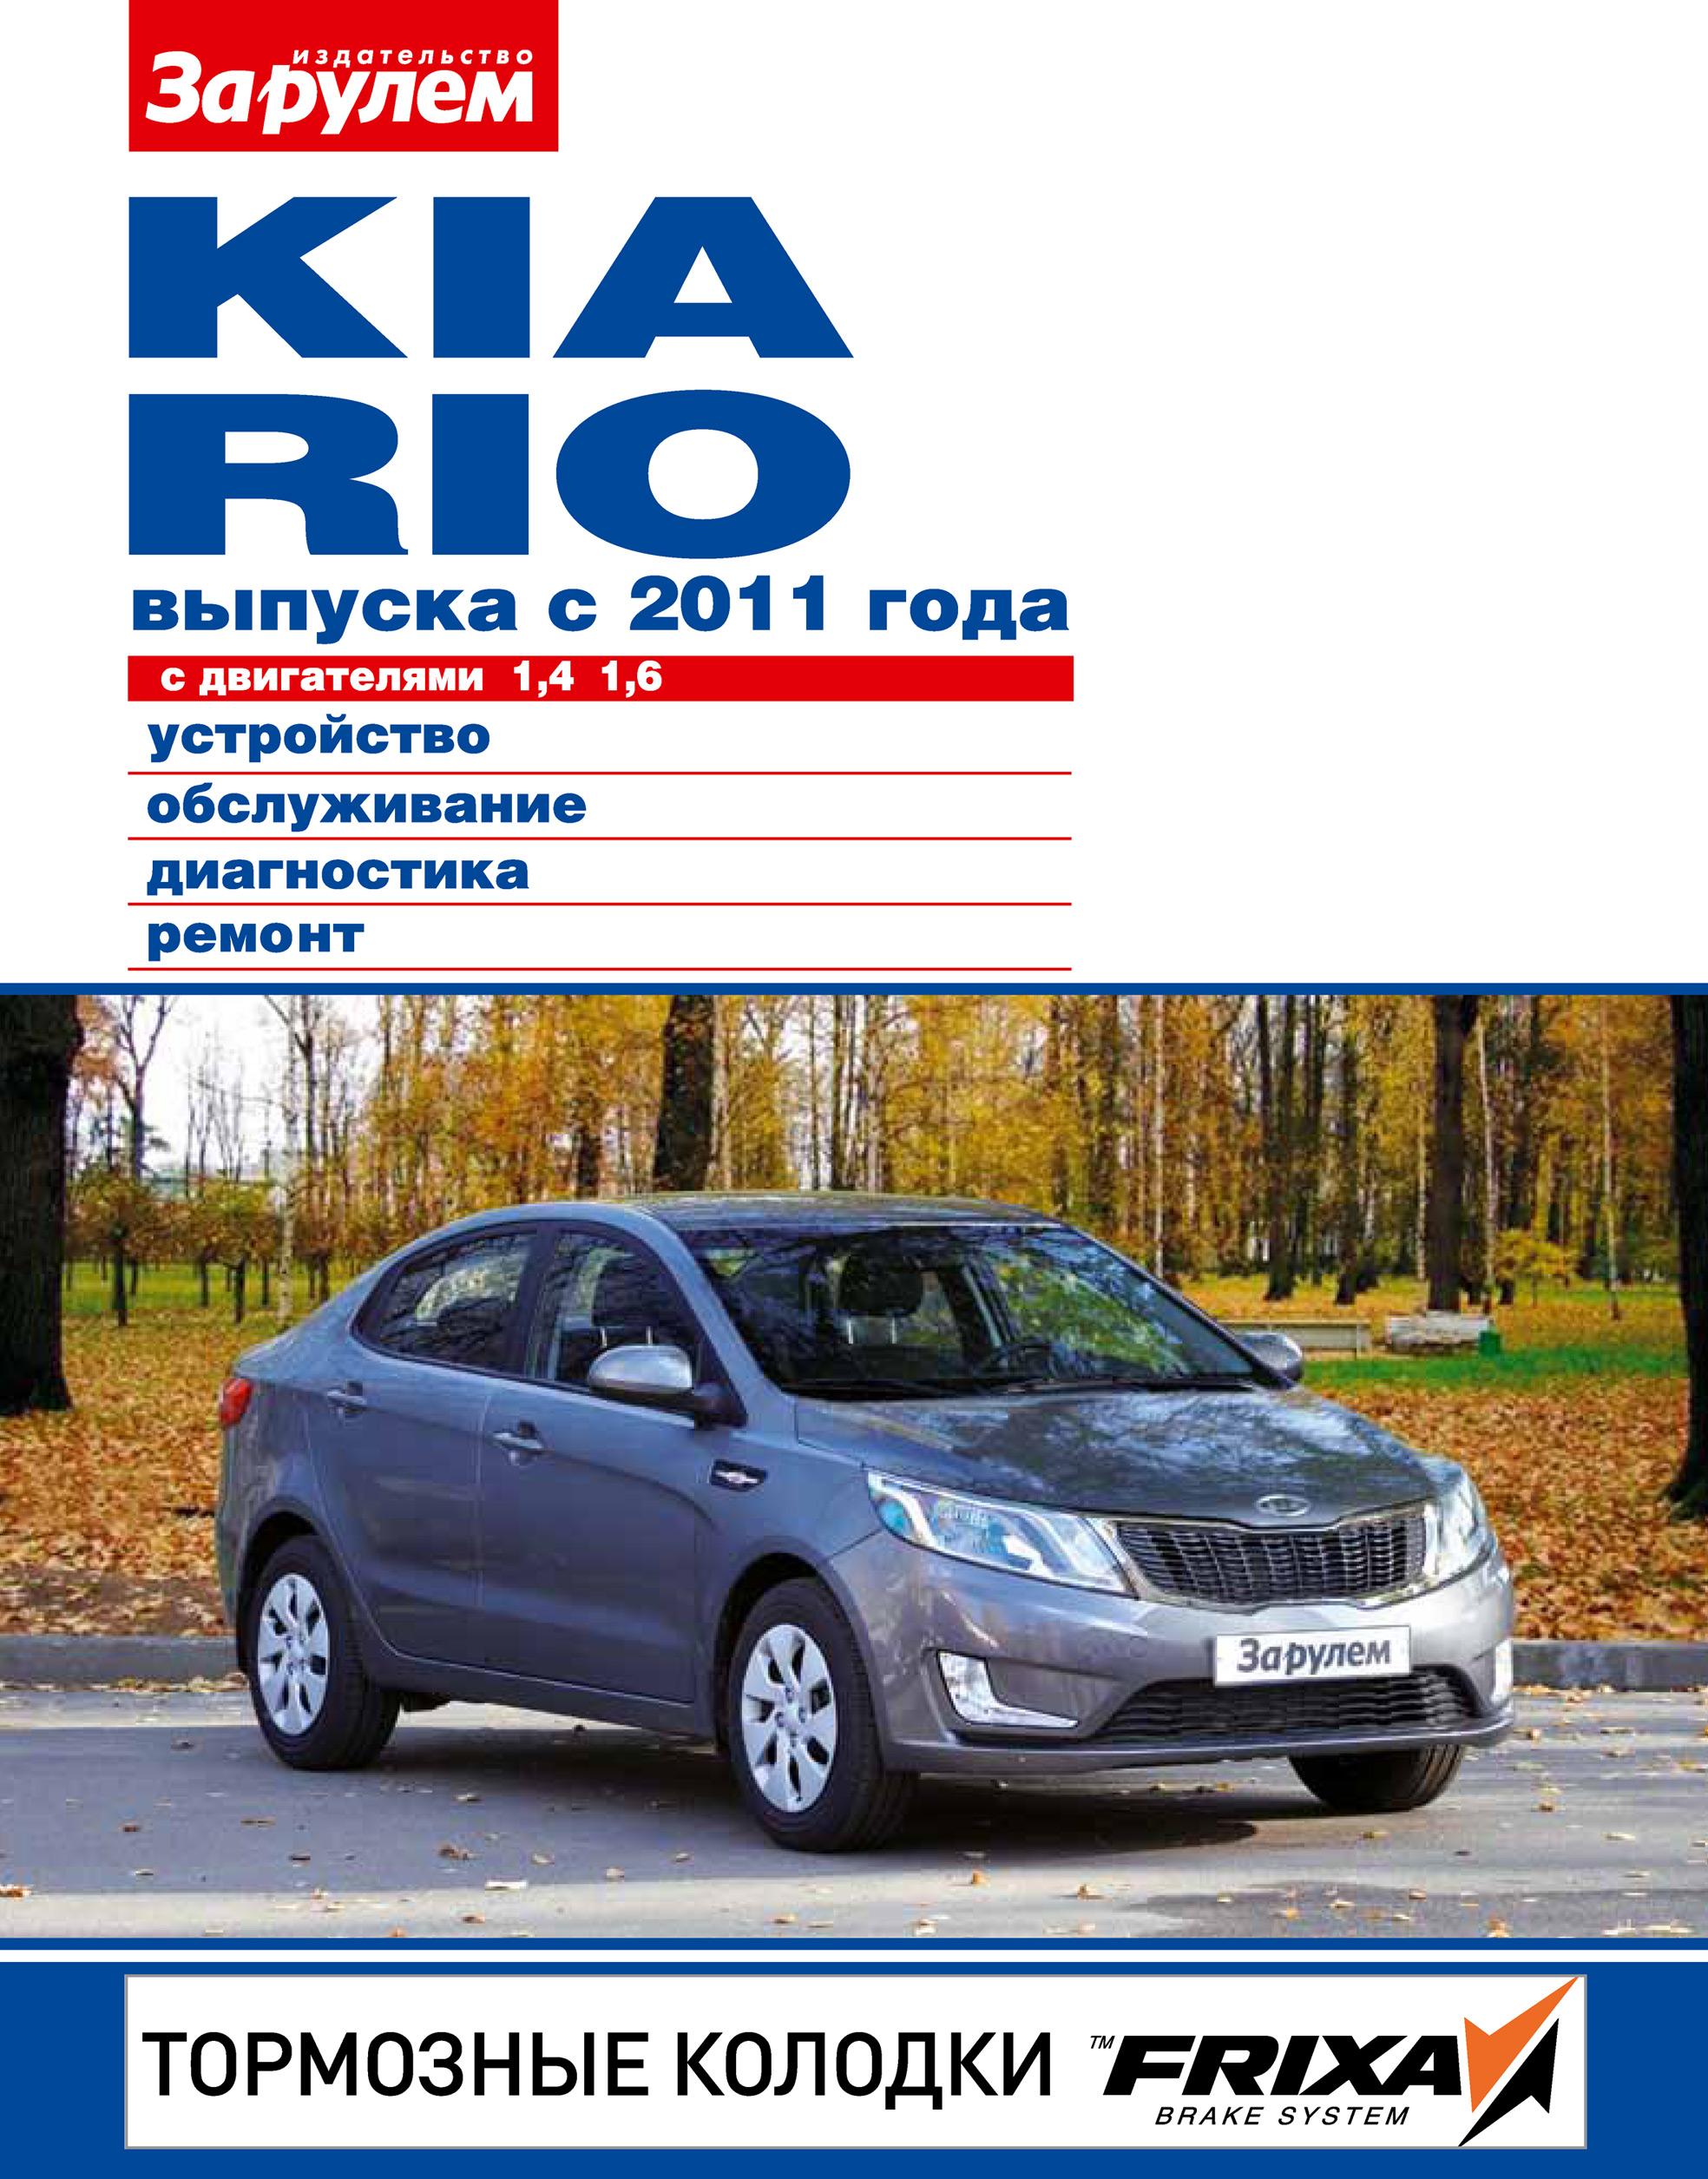 Kia Rio с двигателями 1,4; 1,6. Устройство, обслуживание, диагностика, ремонт. Иллюстрированное руководство